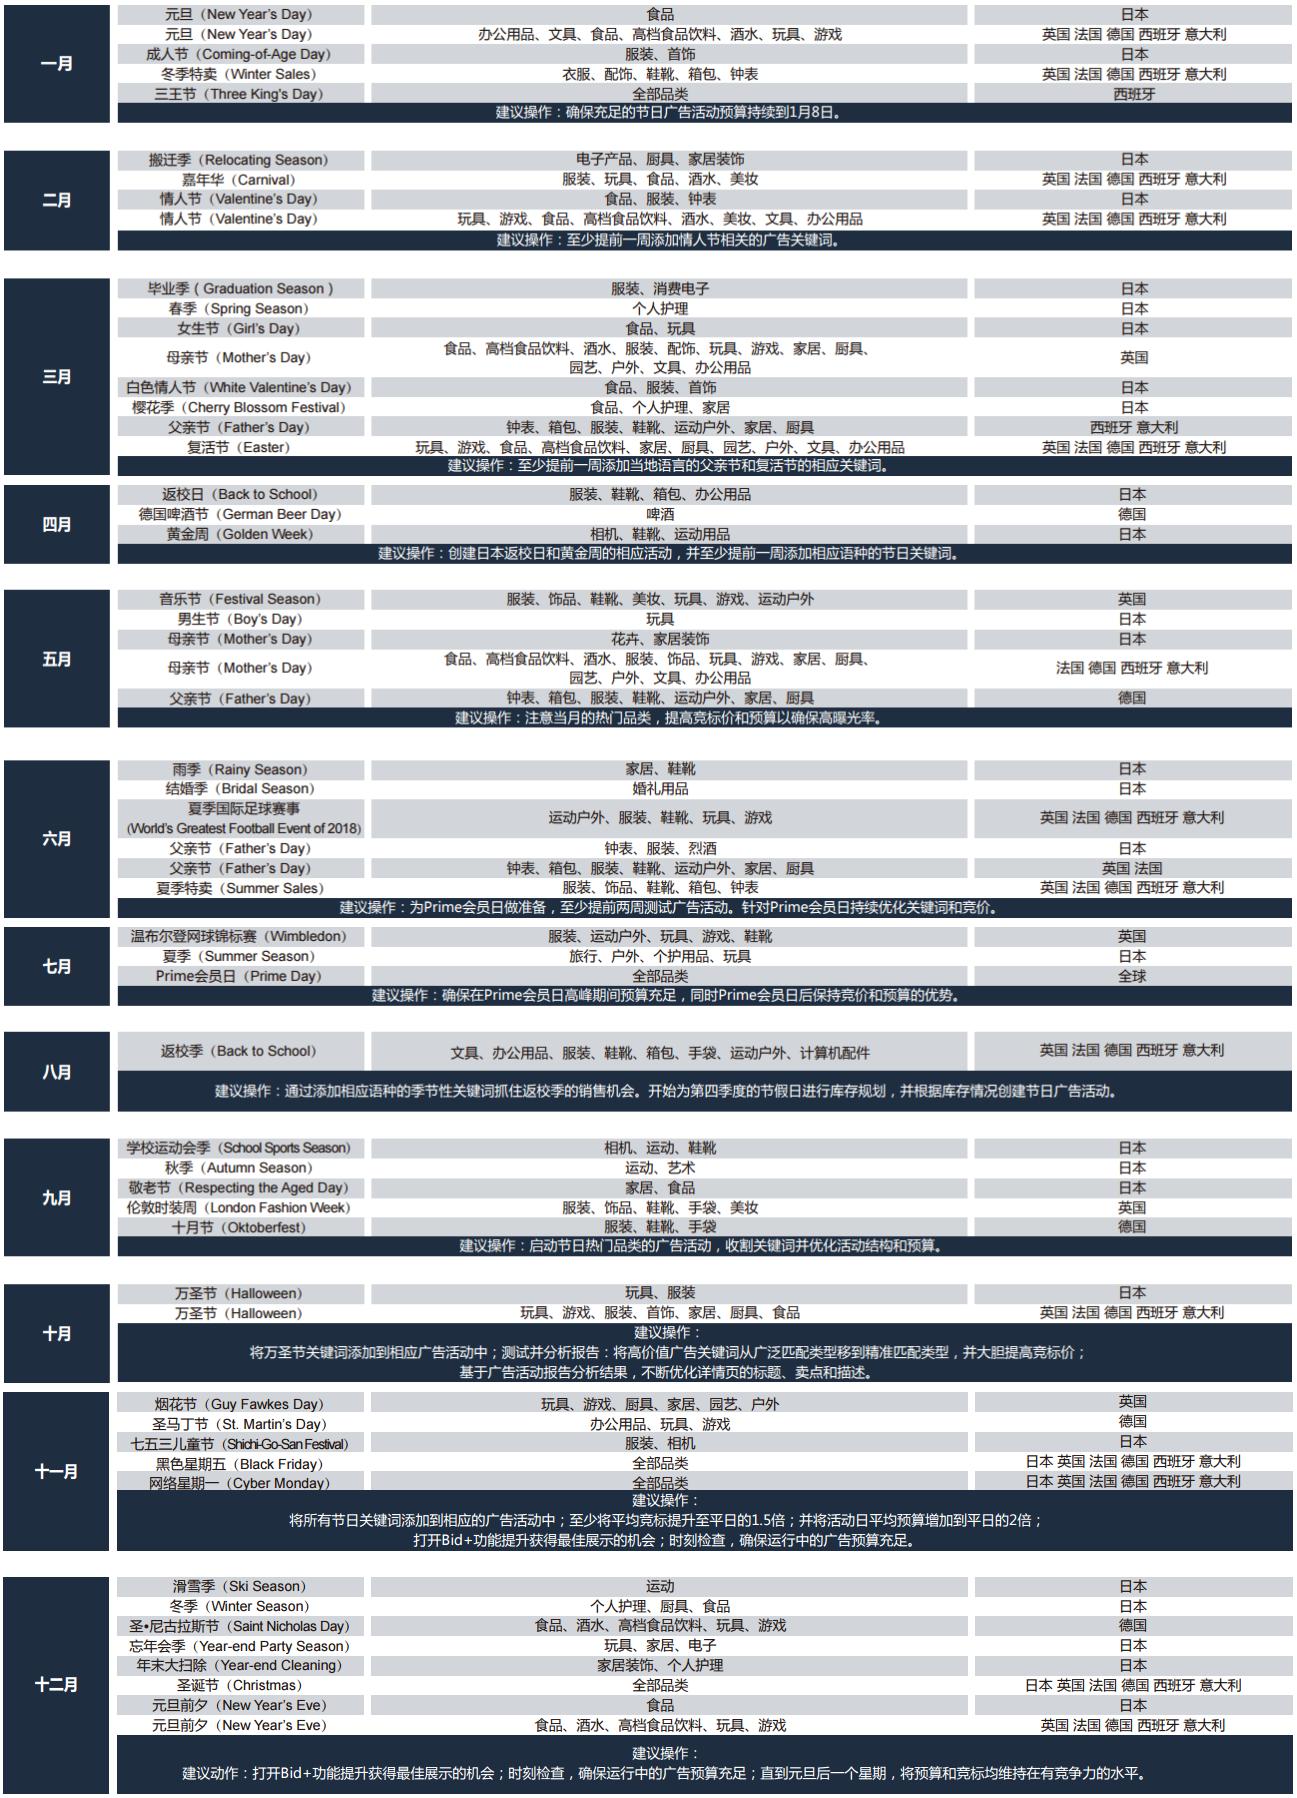 2018年全球跨境电商营销日历及热销品类